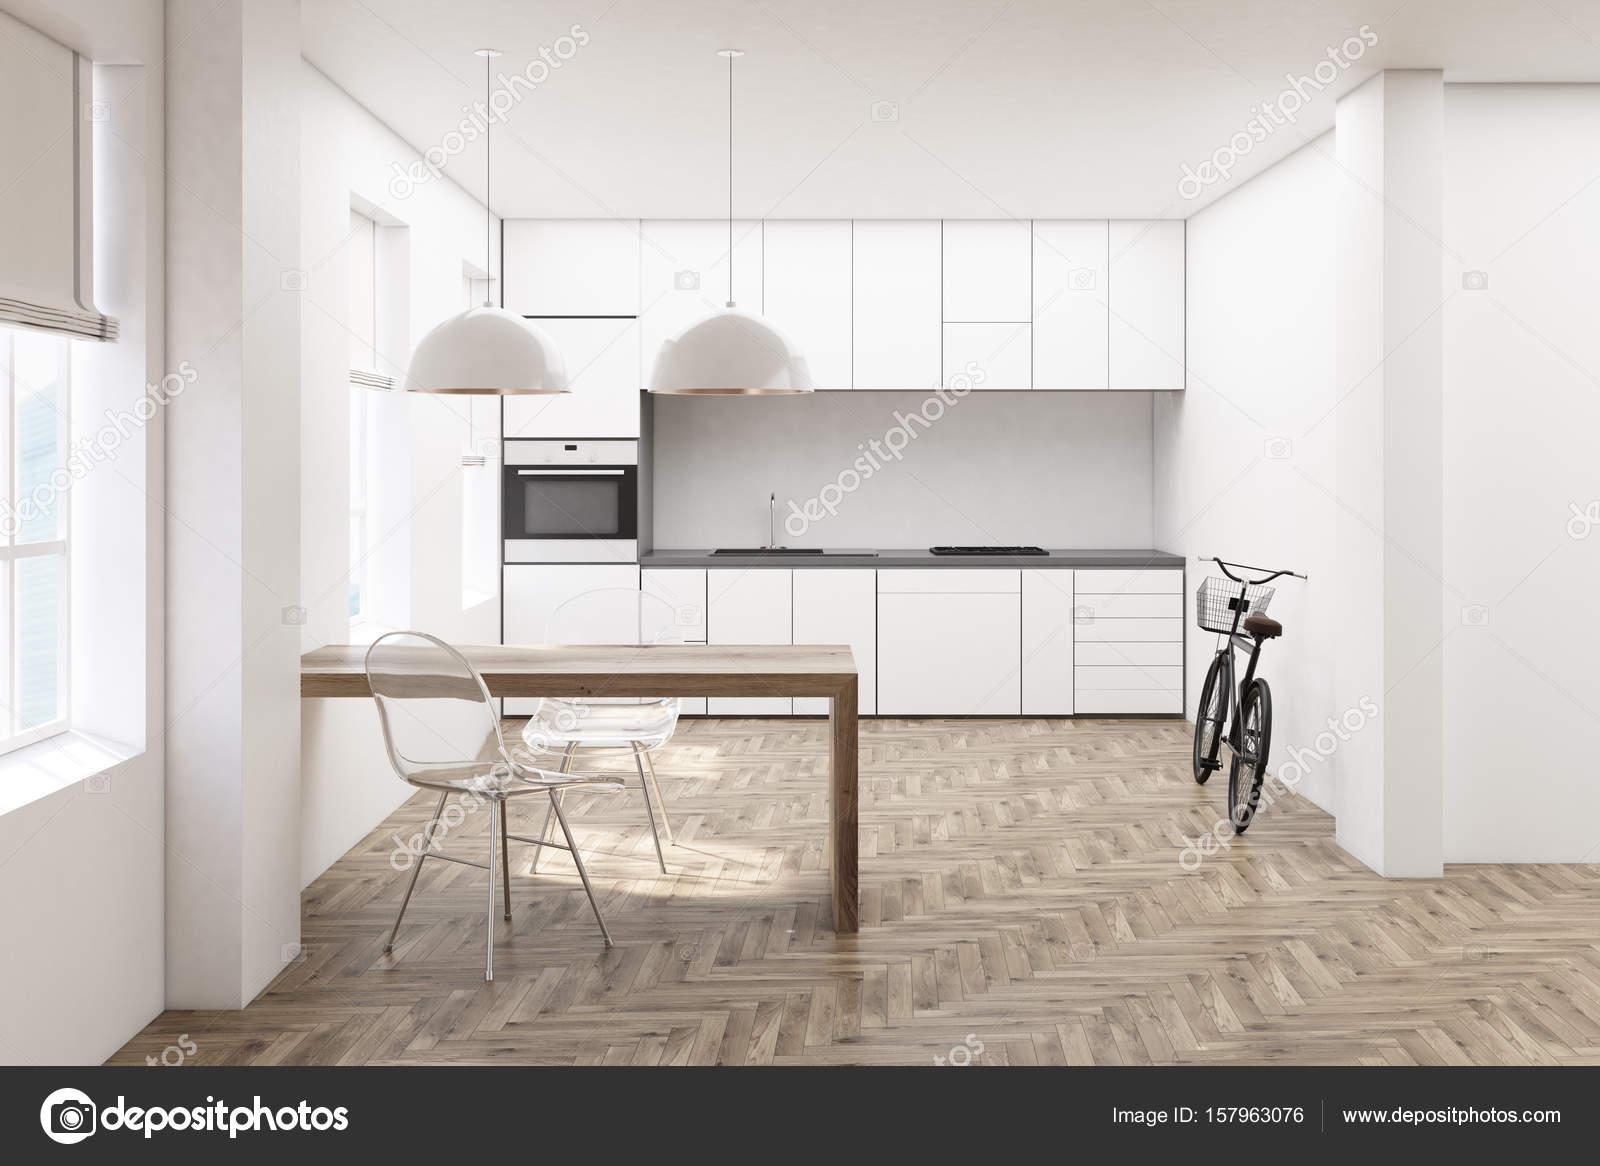 Witte keuken voorzijde van de houten vloer u2014 stockfoto